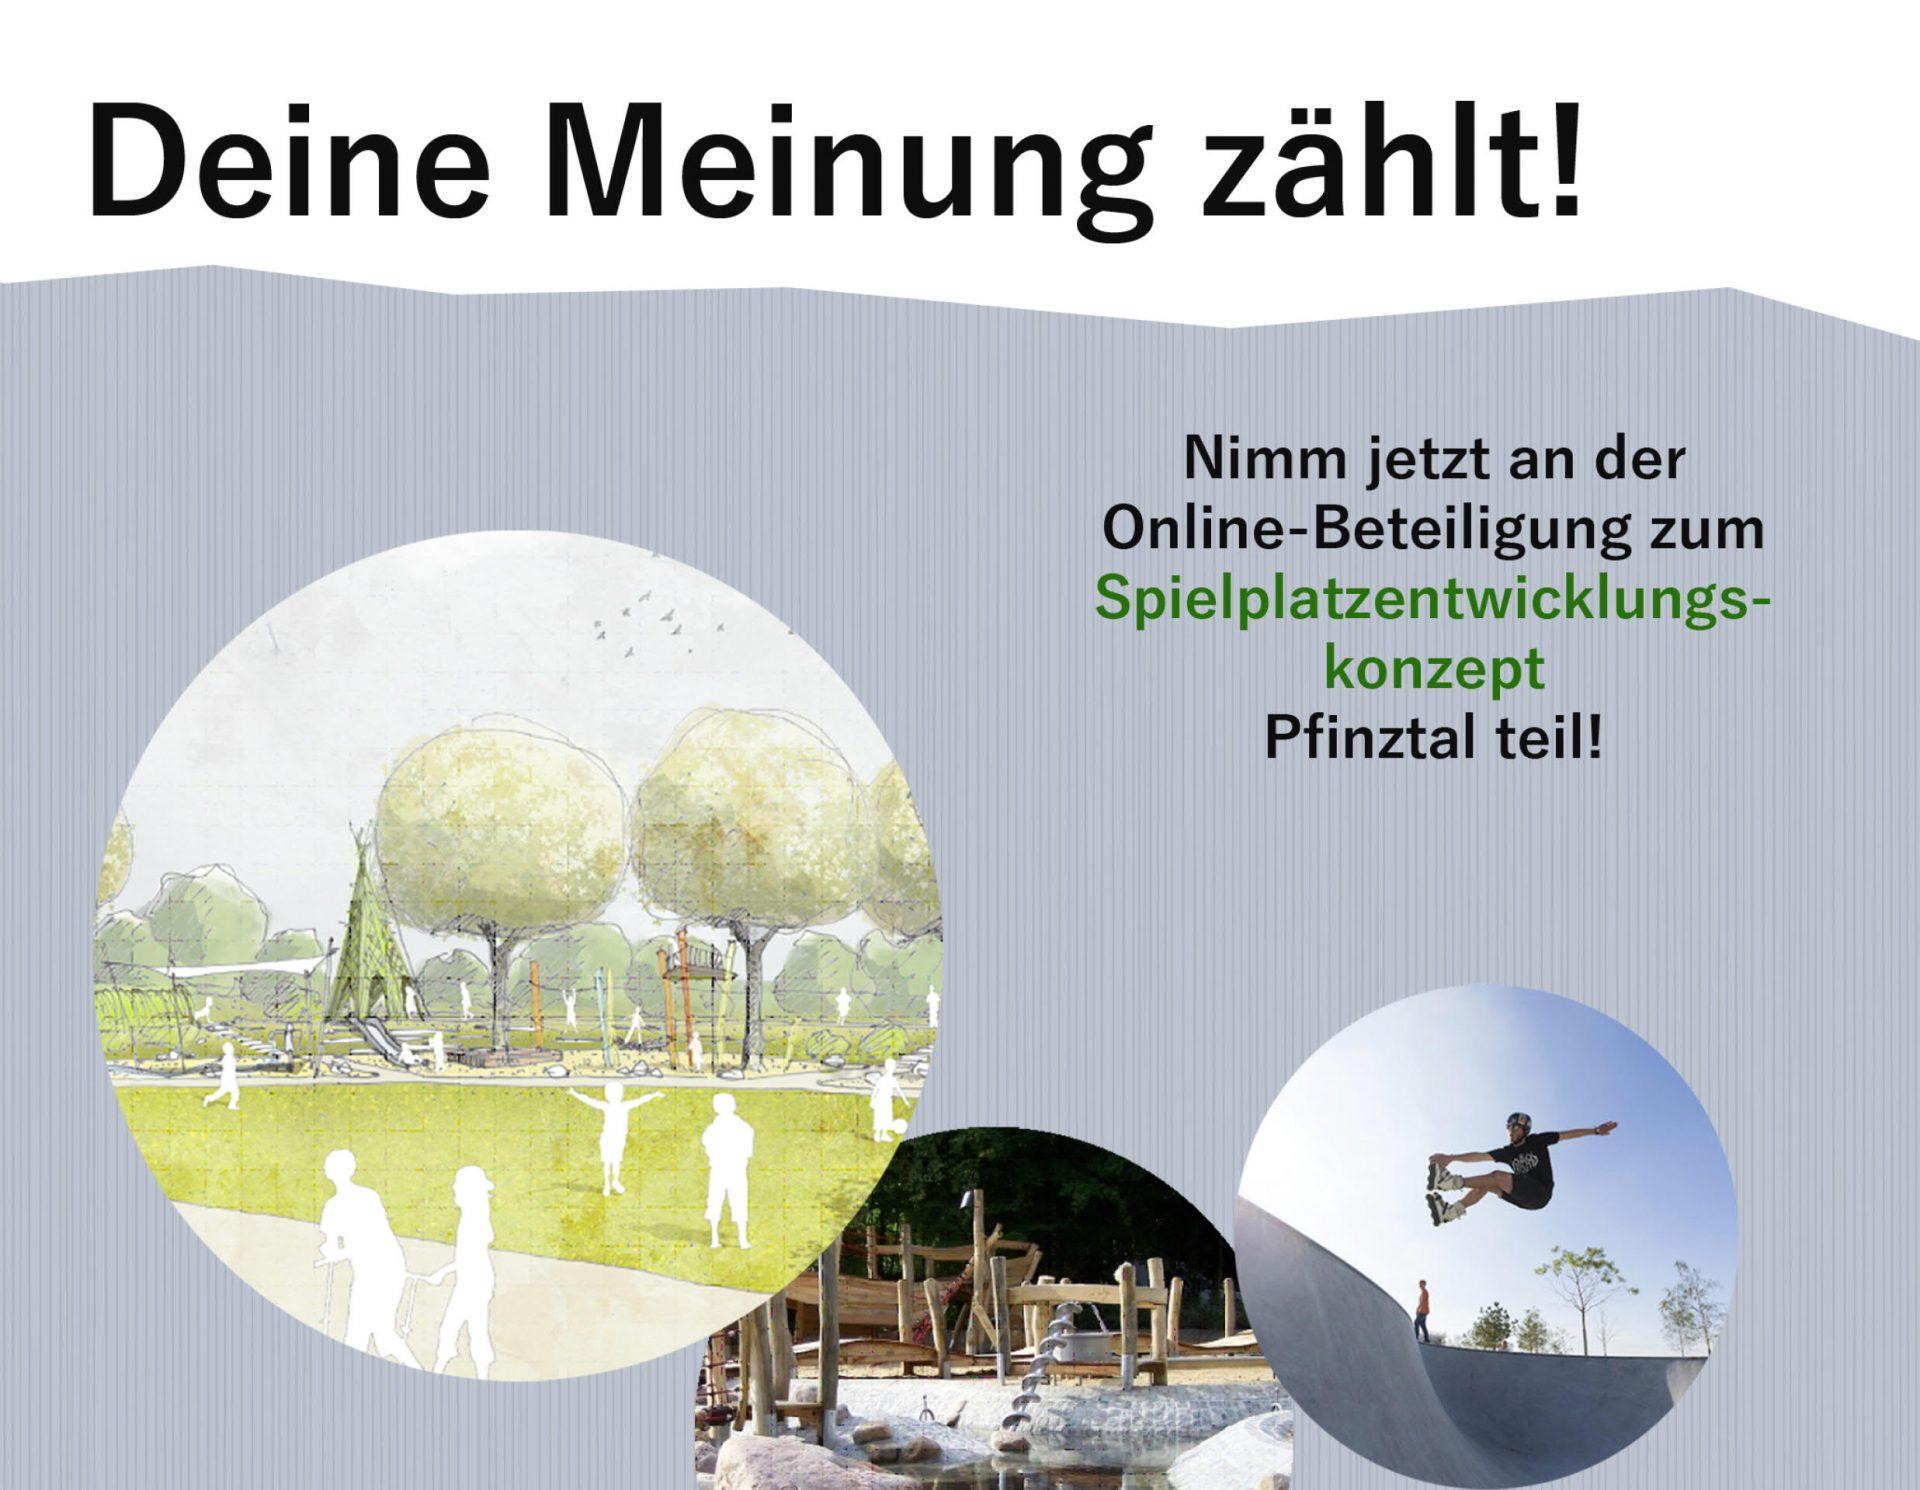 Pfinztal, Spielplatzentwicklung - Plakat Kinder